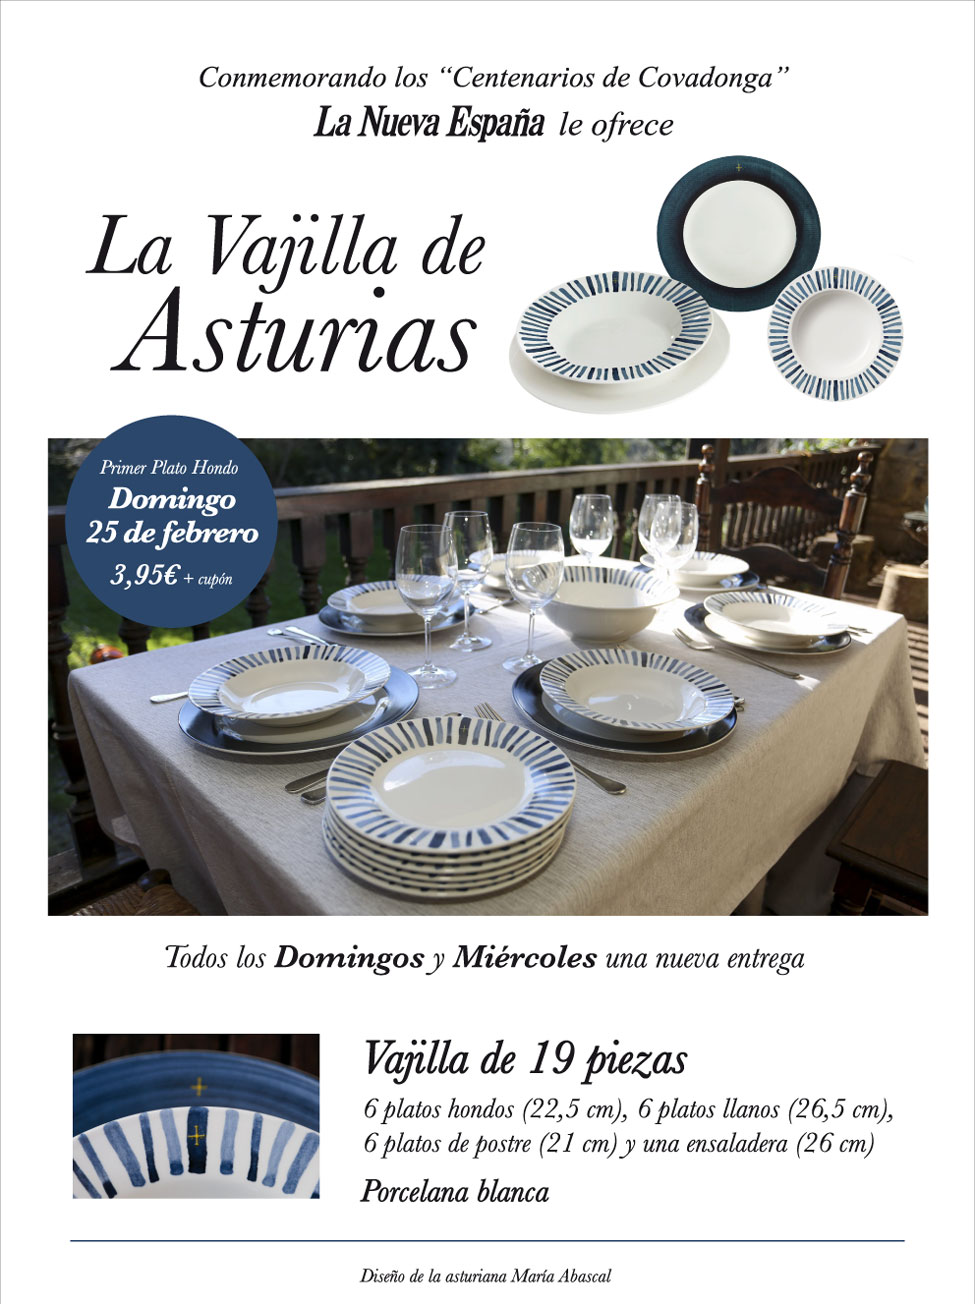 La Vajilla de Asturias